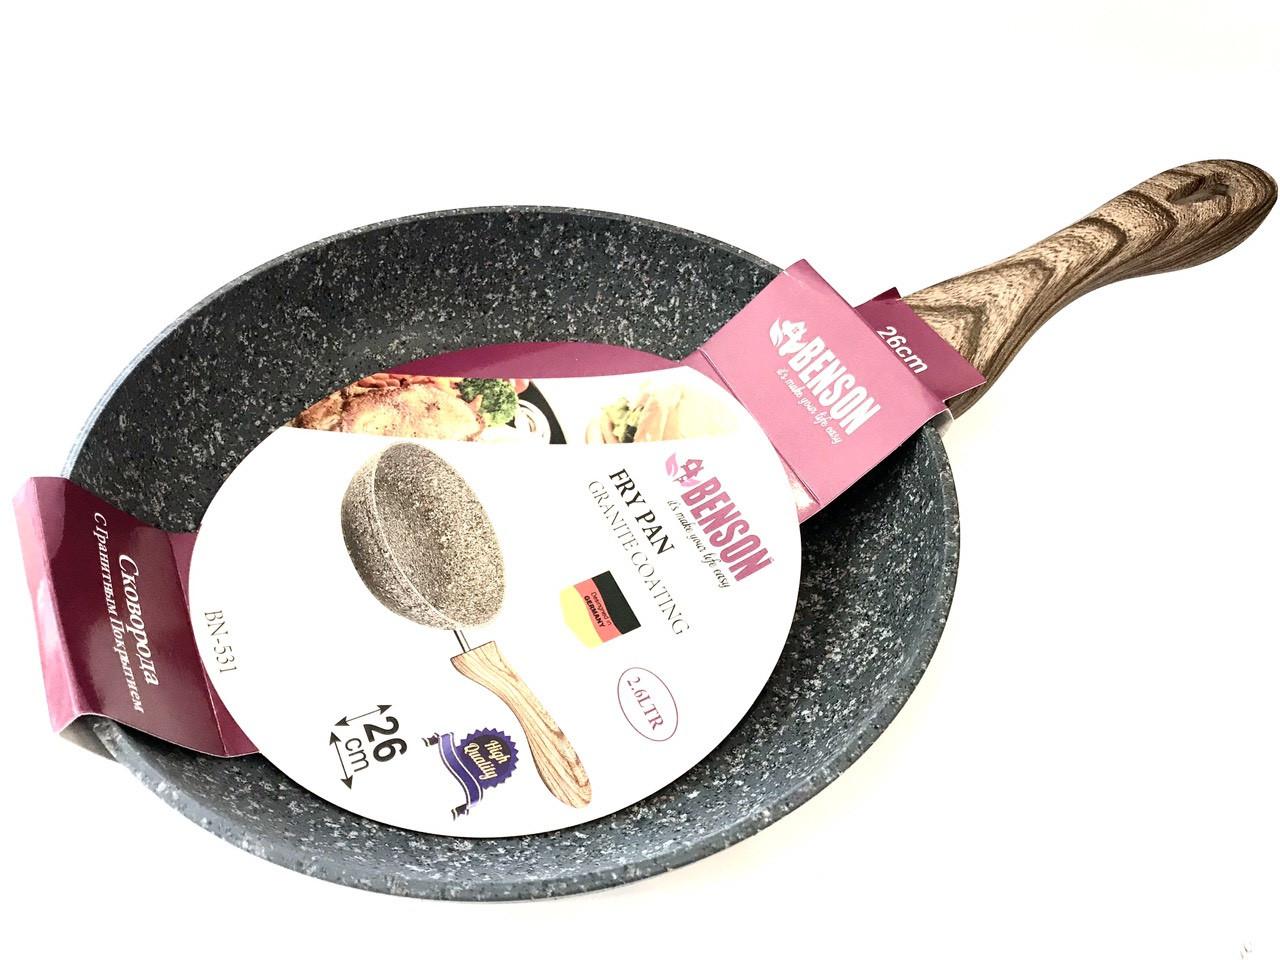 Сковорода Benson BN-531 (26 см) антипригарное гранитное покрытие, SOFT TOUCH   сковородка Бенсон, Бэнсон